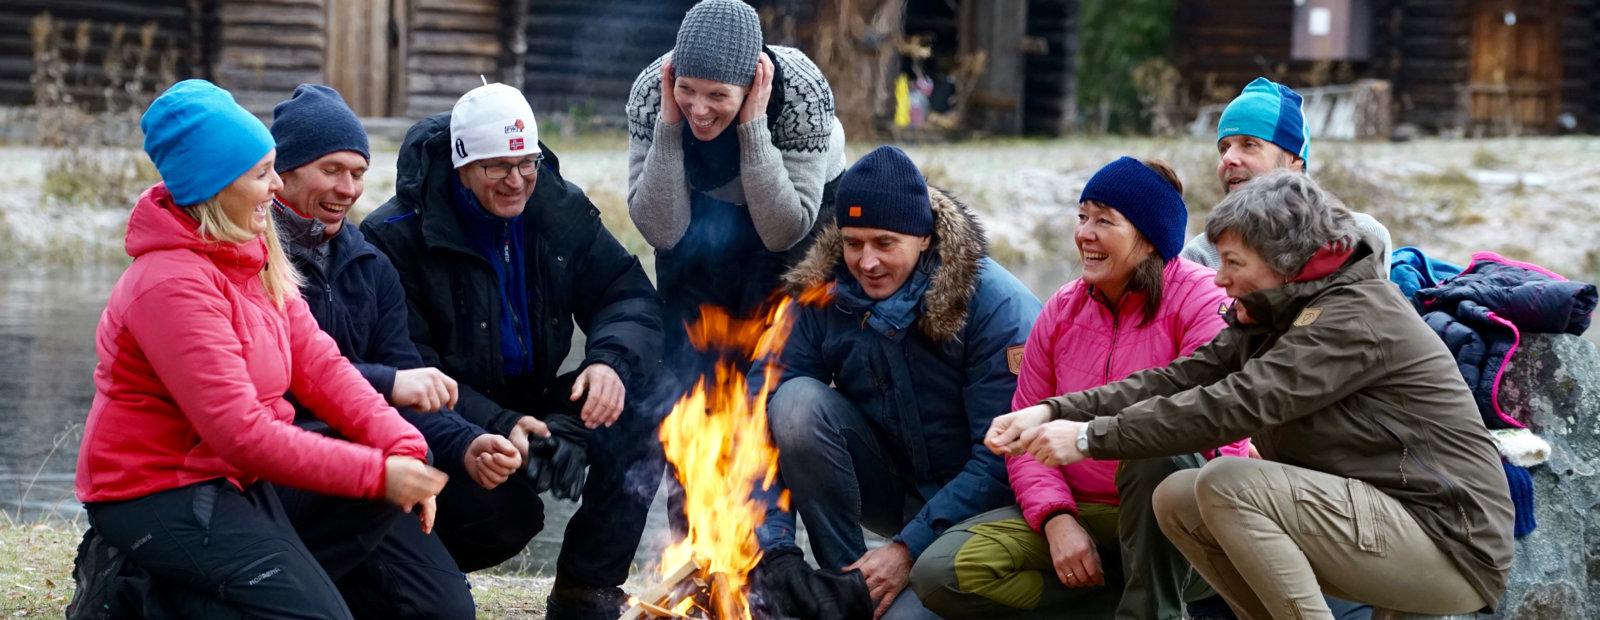 Kos rundt bålet på Maihaugen. Foto: Esben Haakenstad